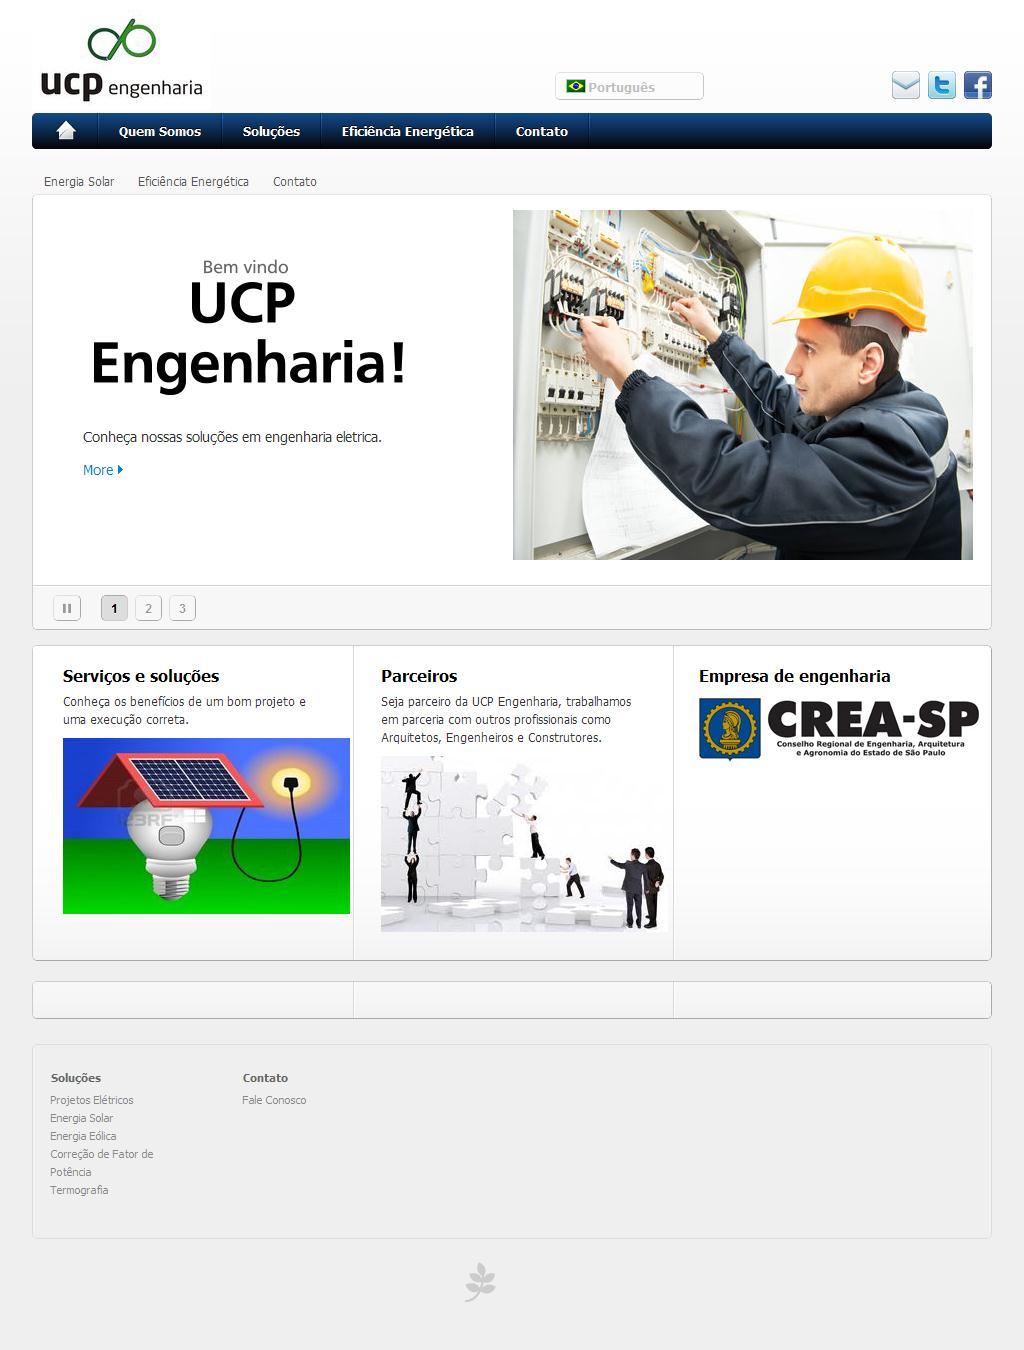 UCP Engenharia